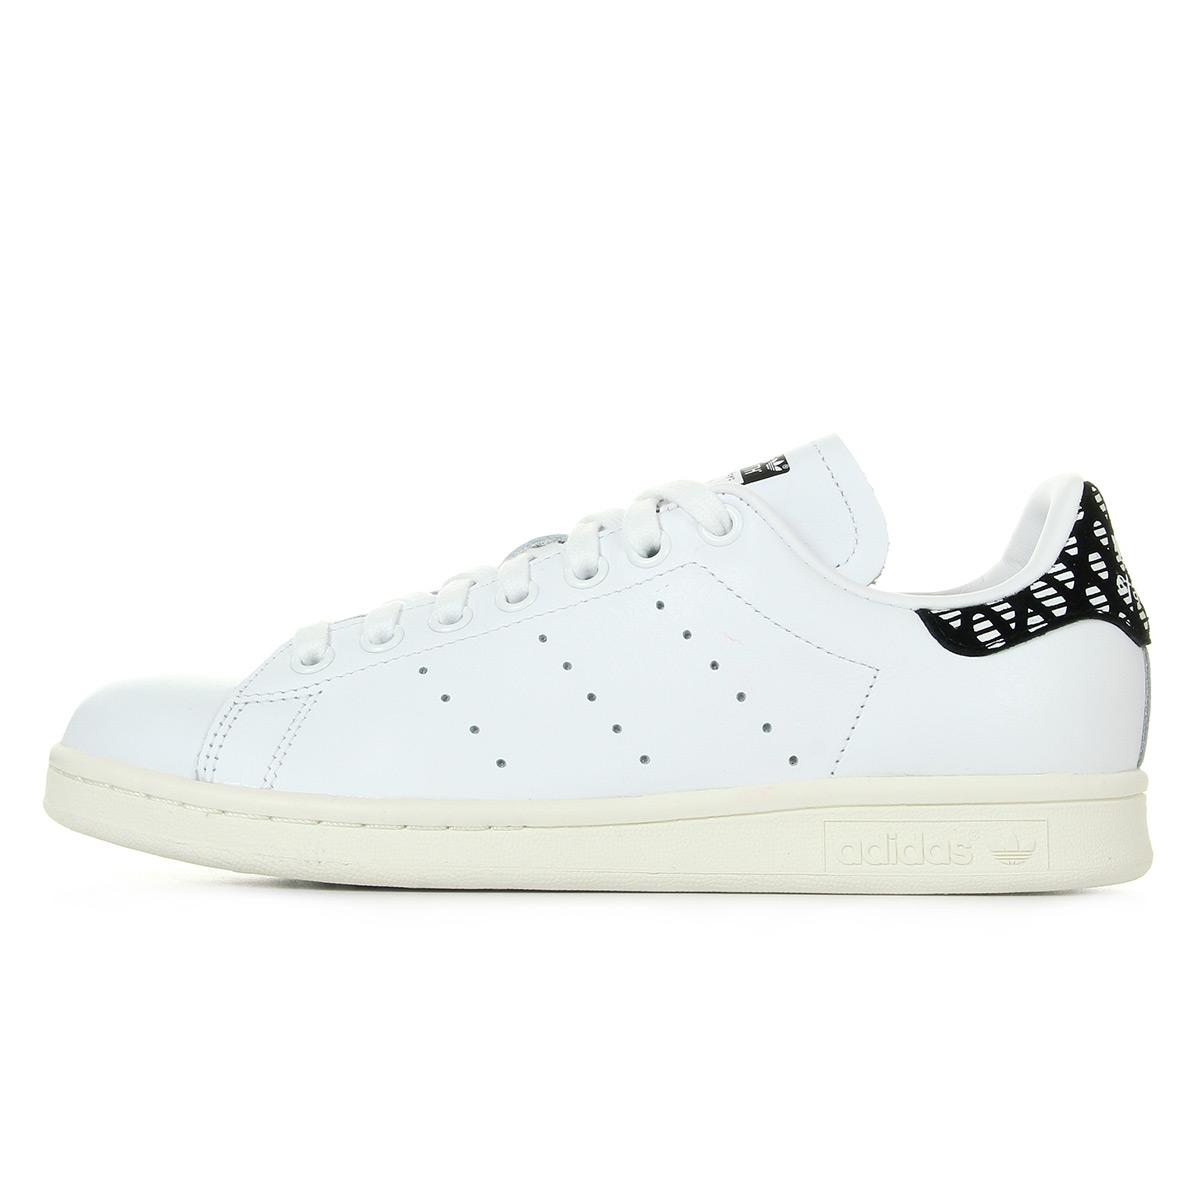 adidas Stan Smith W BZ0568, Baskets mode femme